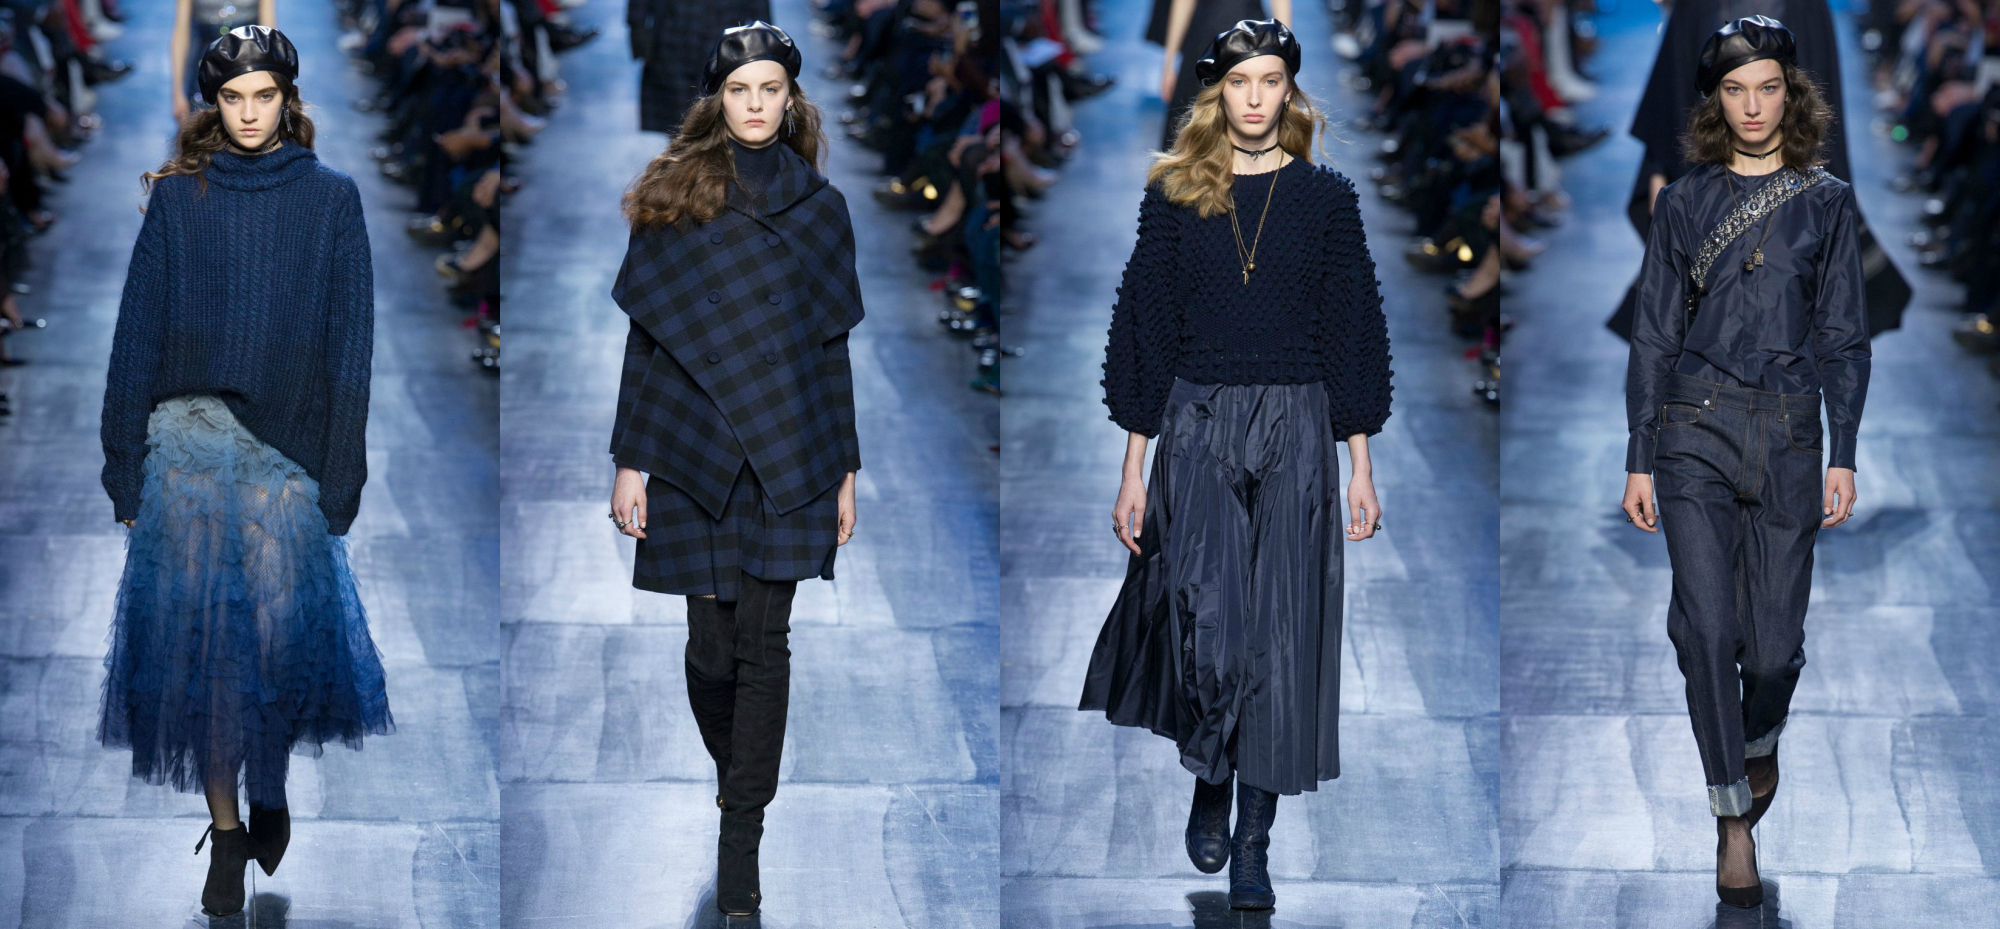 Christian Dior Осень-Зима 2017 Модные тенденции